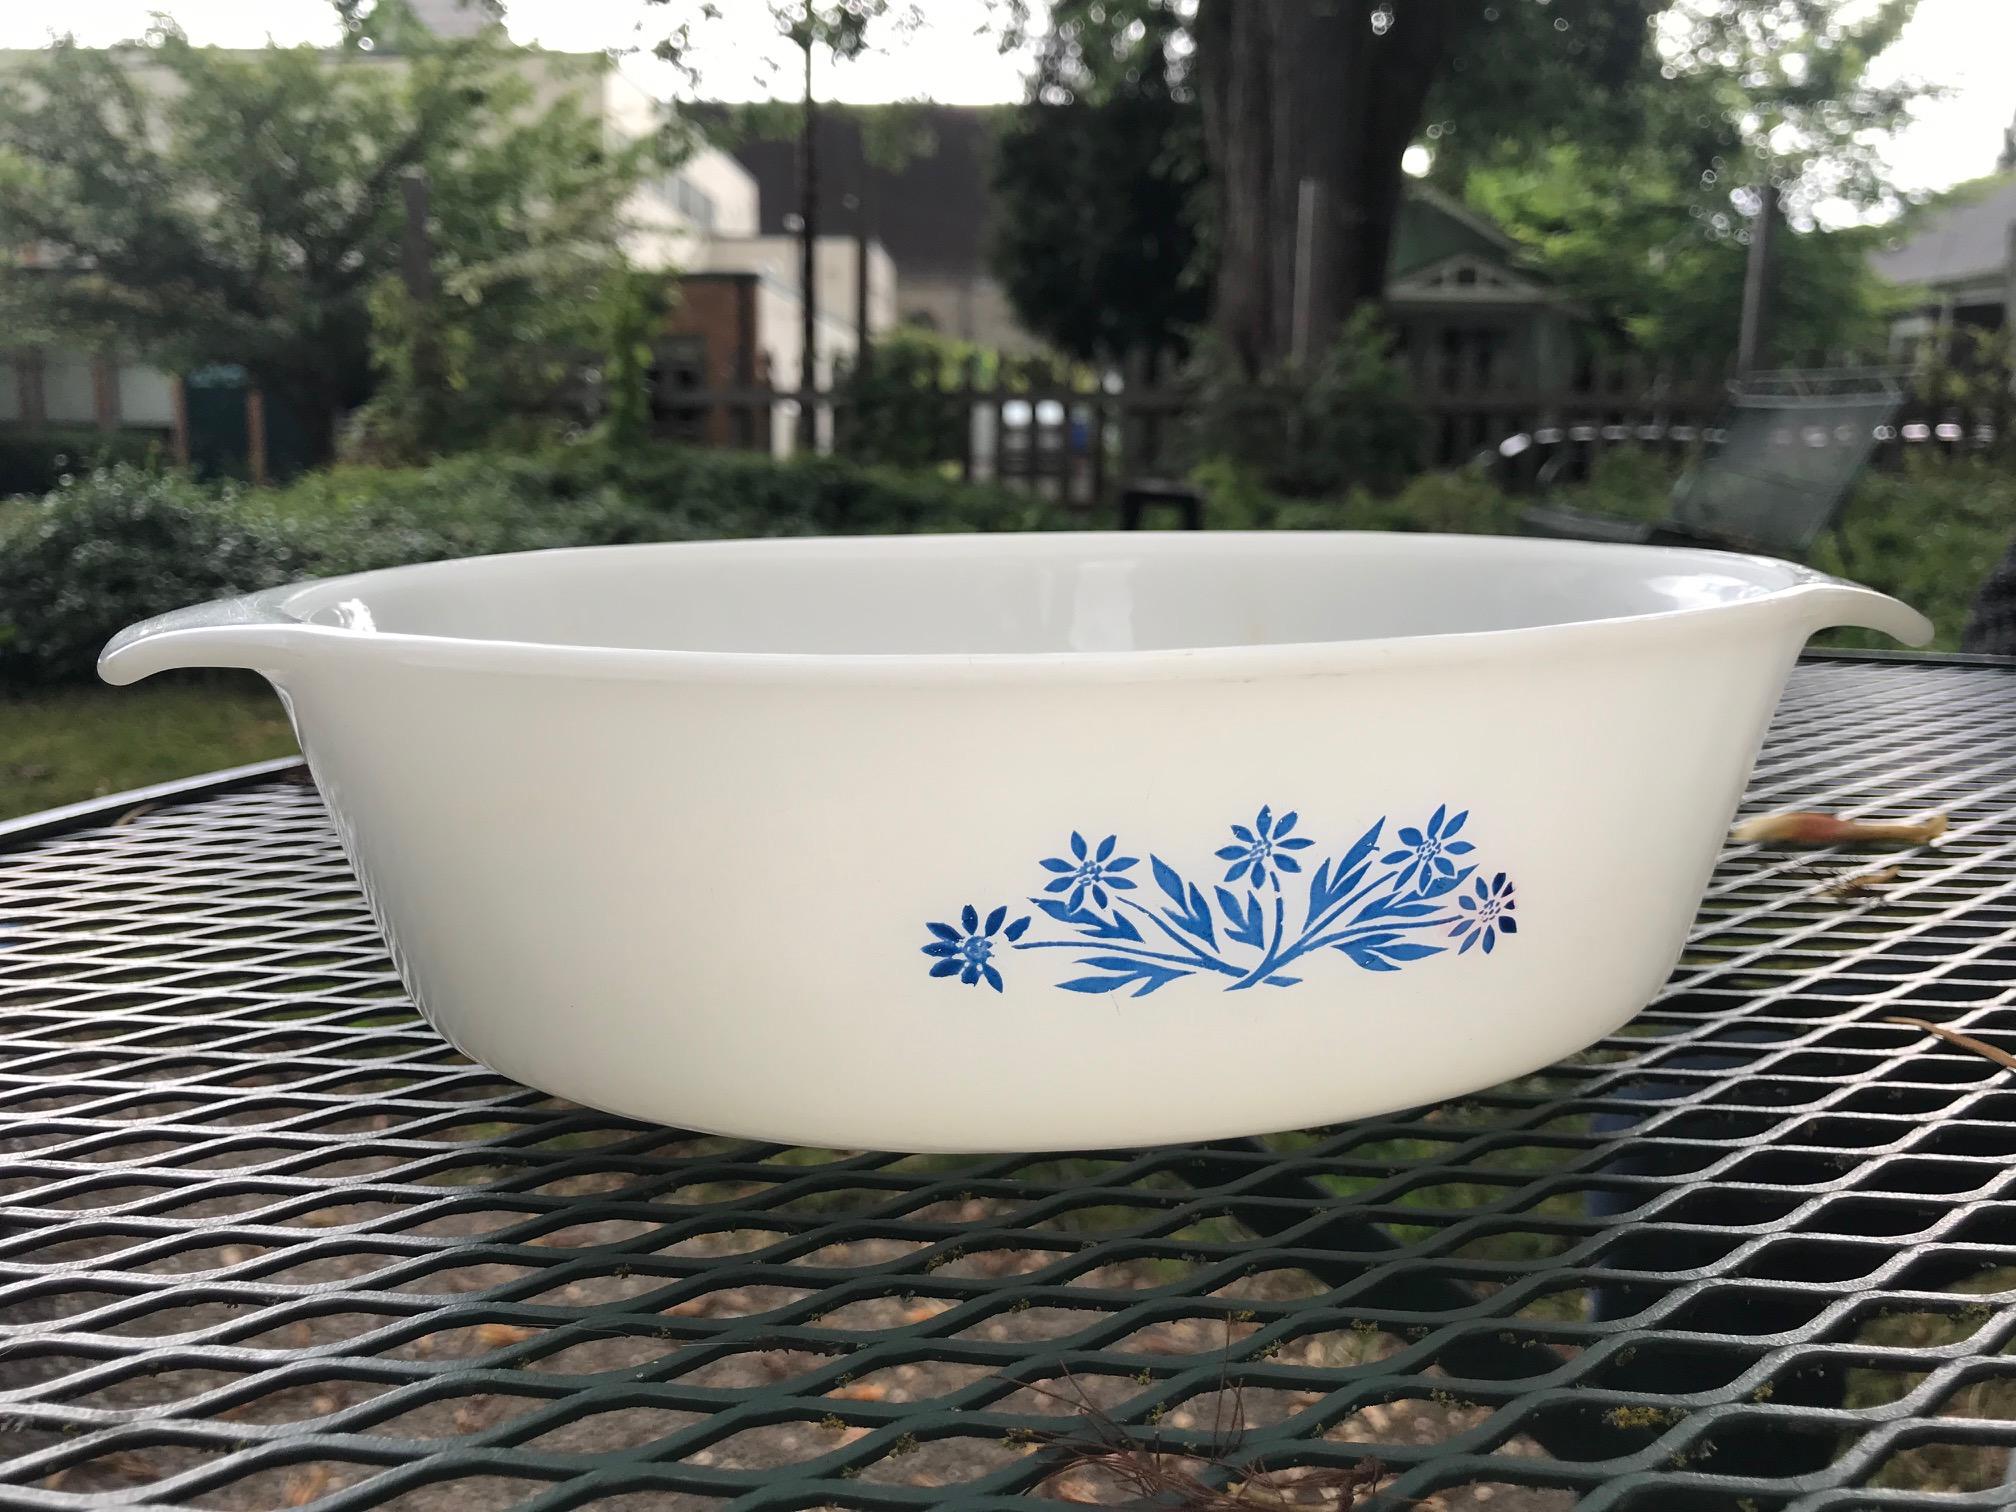 Cornflower Pattern Vintage Milk Glass Casserole, Anchor Hocking